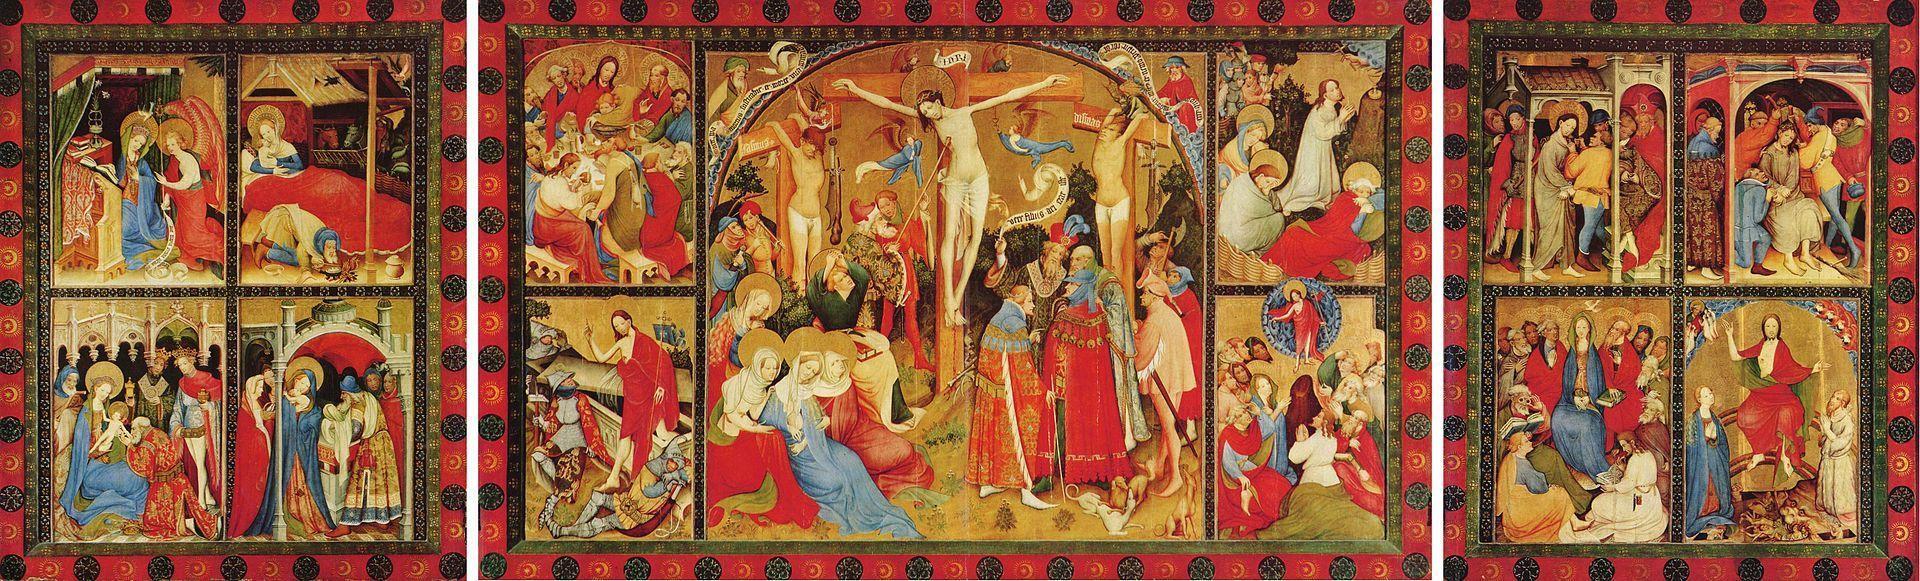 1403, Altar de la Pasión de Cristo de Conrad von Soest en el altar de la Iglesia Evangelista de San Nicolás en Bad Wildungen